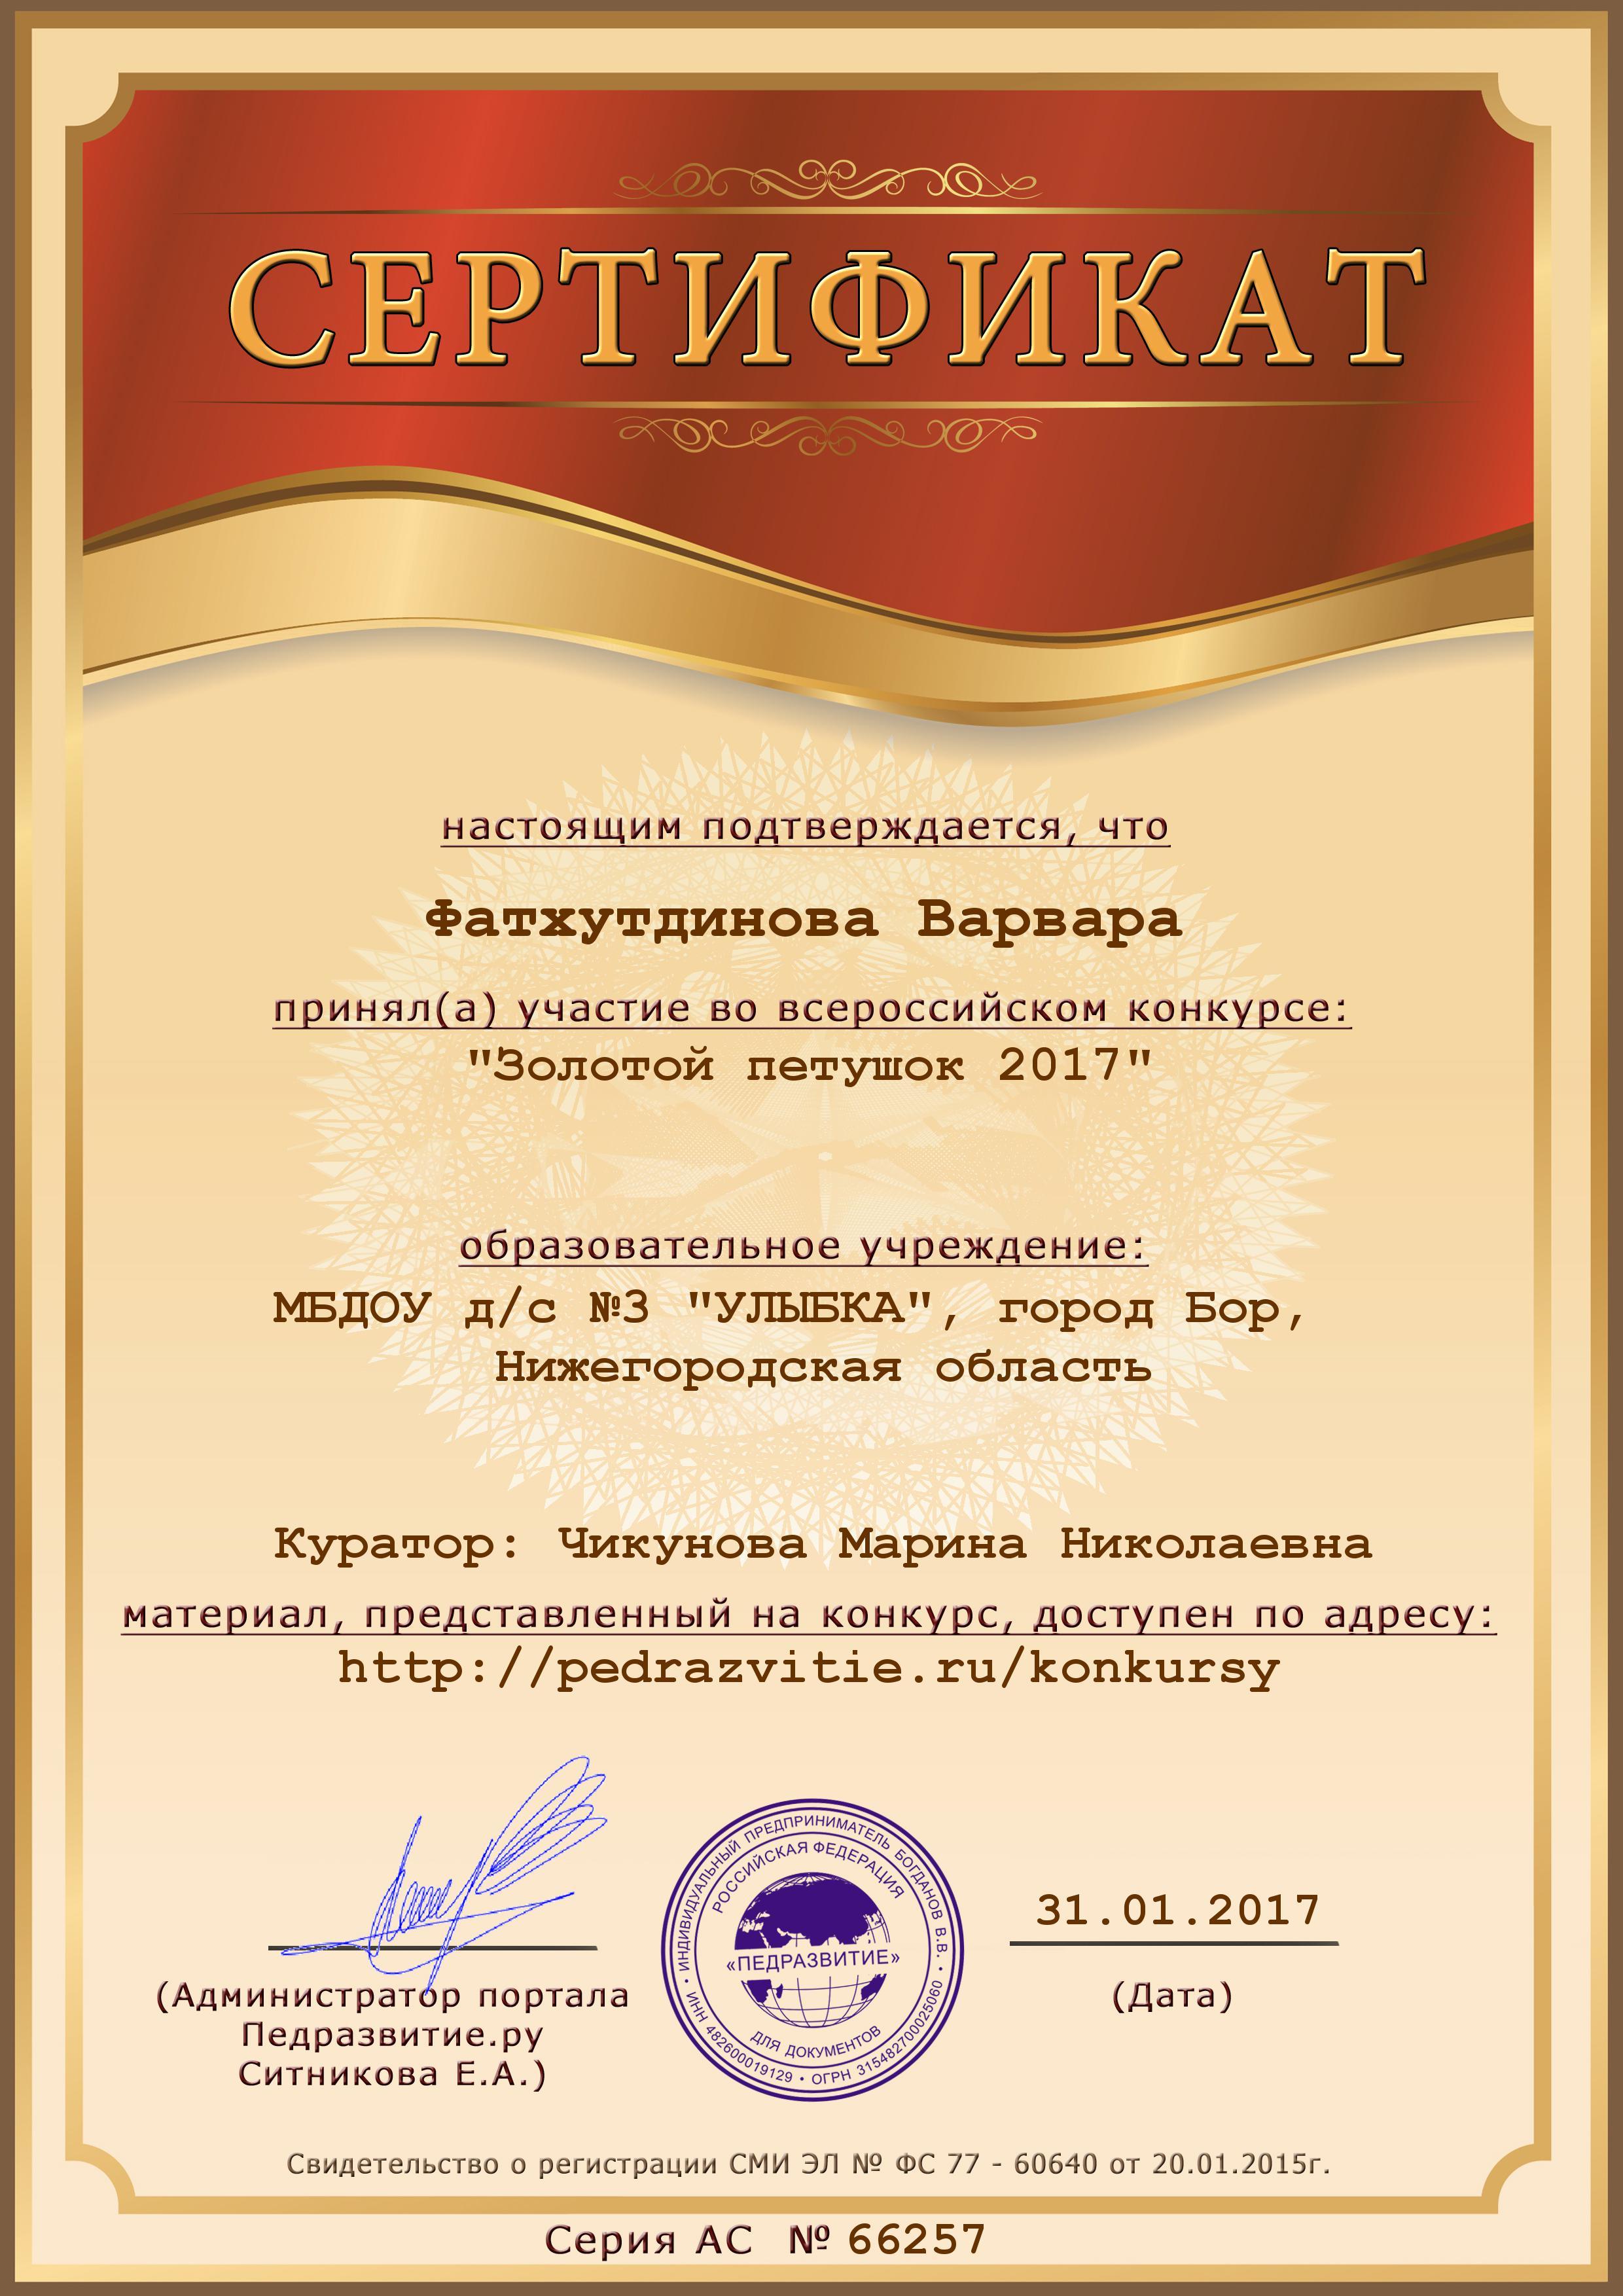 sertifikat-2 (1).jpg